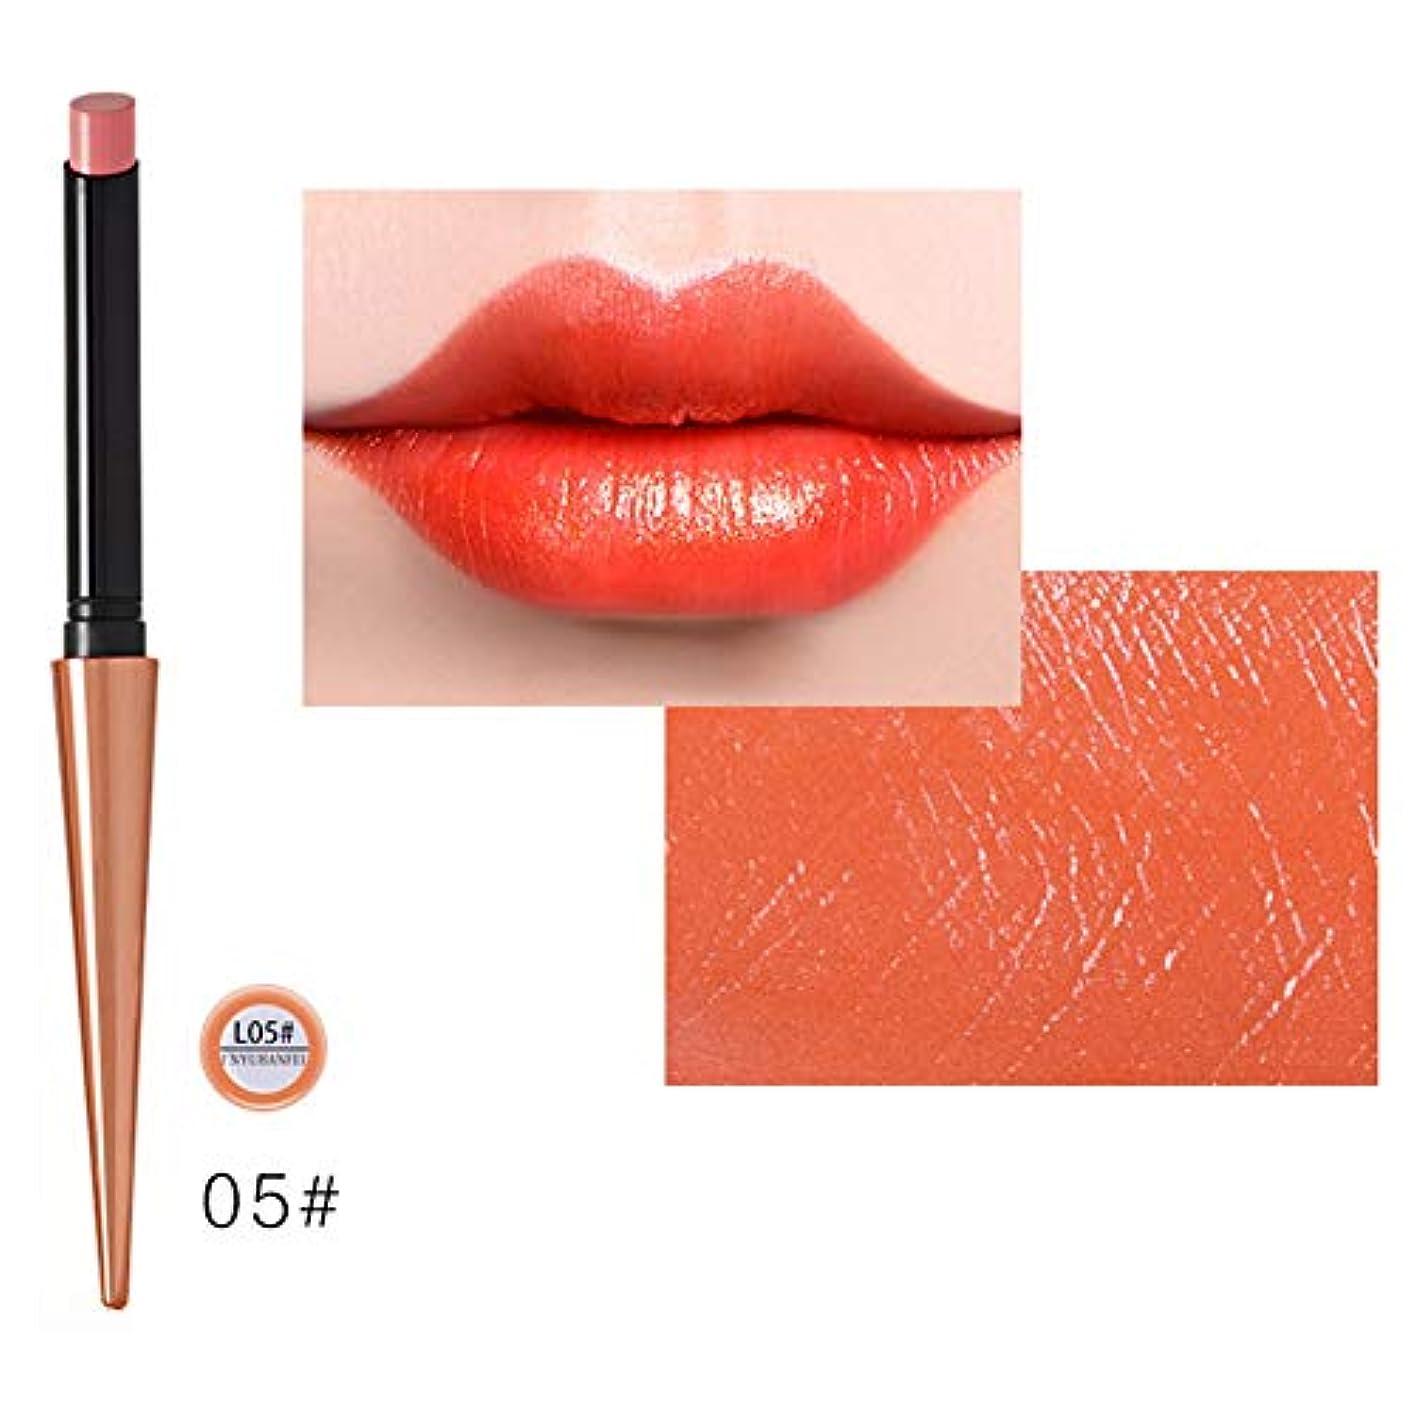 変換する愛情フリッパー口紅 リップマット リップティント リップスティック リップグロス つや消し 防水 長続き 唇の化粧品 化粧品 10色 Cutelove